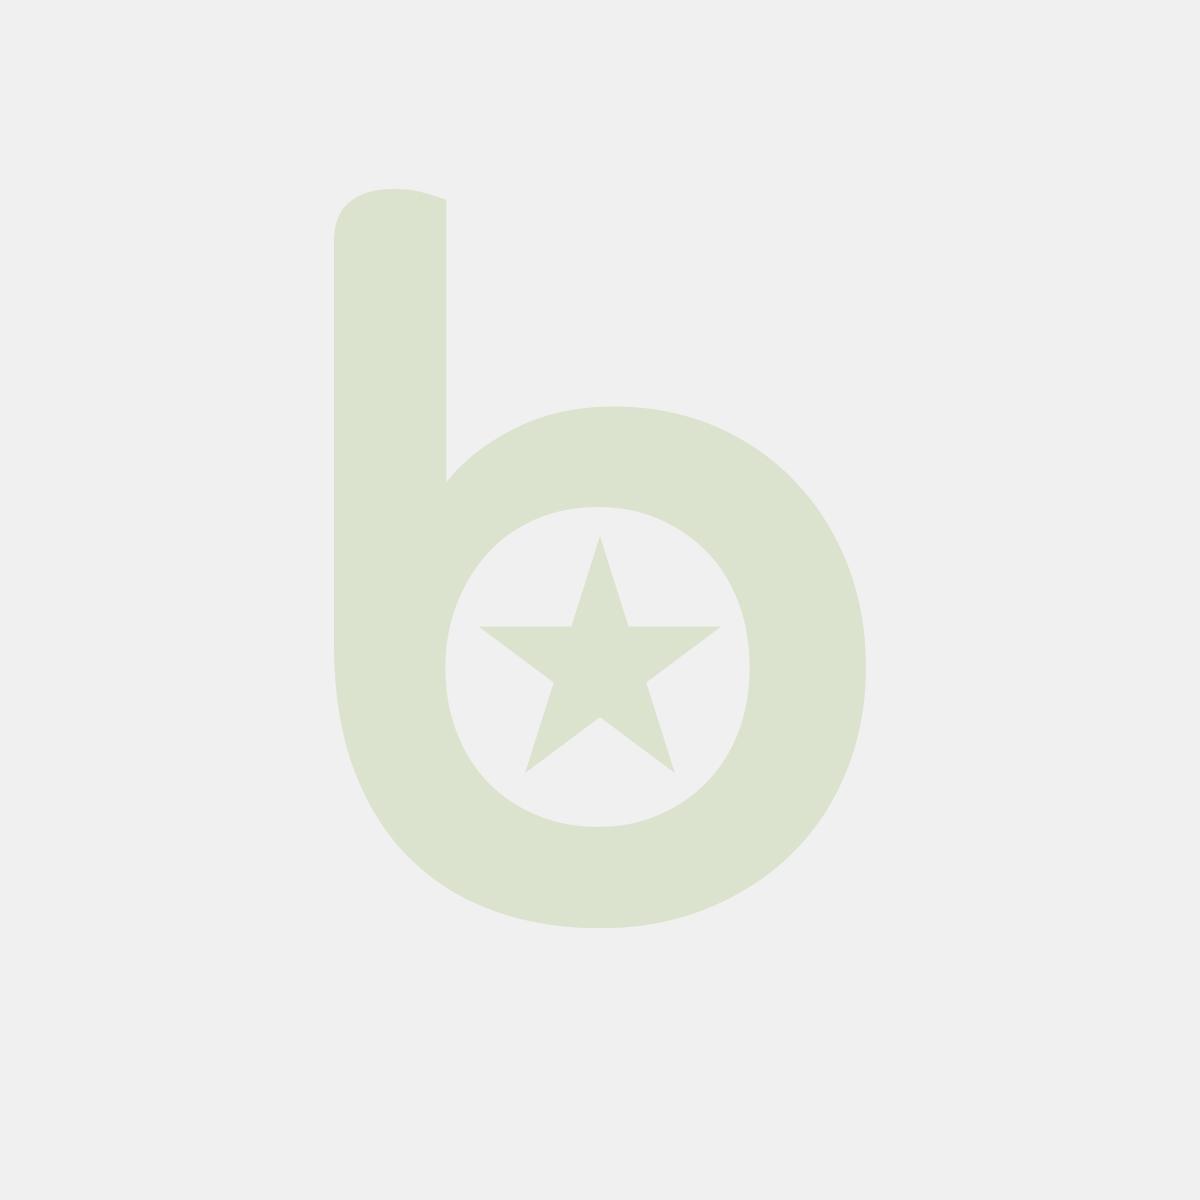 Pojemnik prostokątny do zgrzewu K-227/80 2150ml, cena za opakowanie 440szt